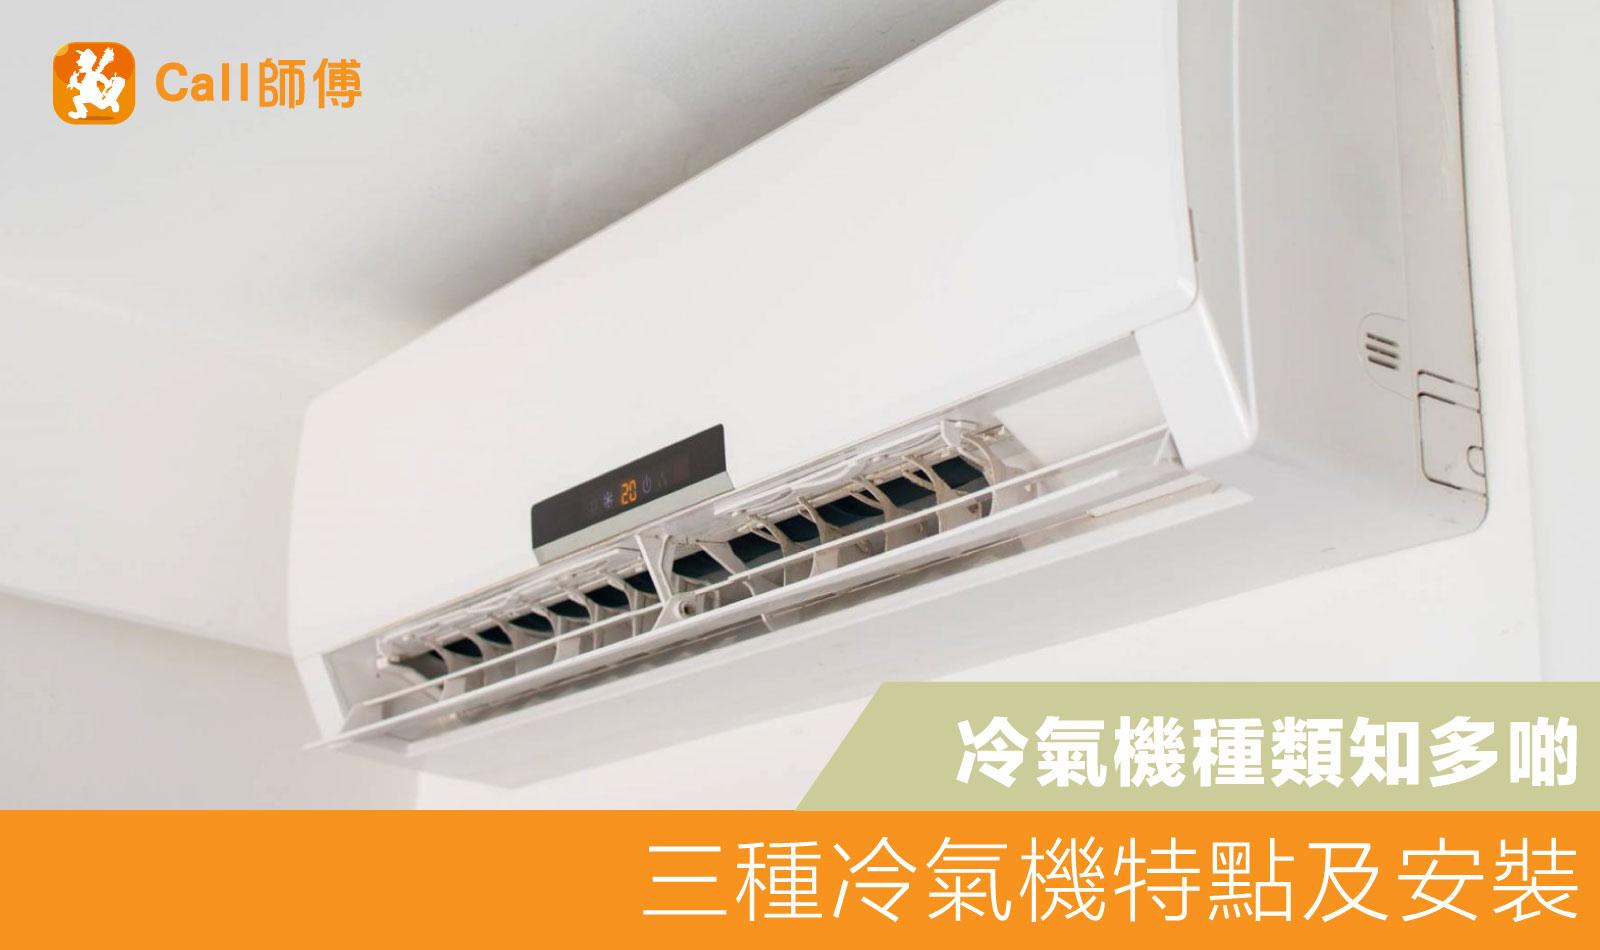 安乐网盘点空调种类